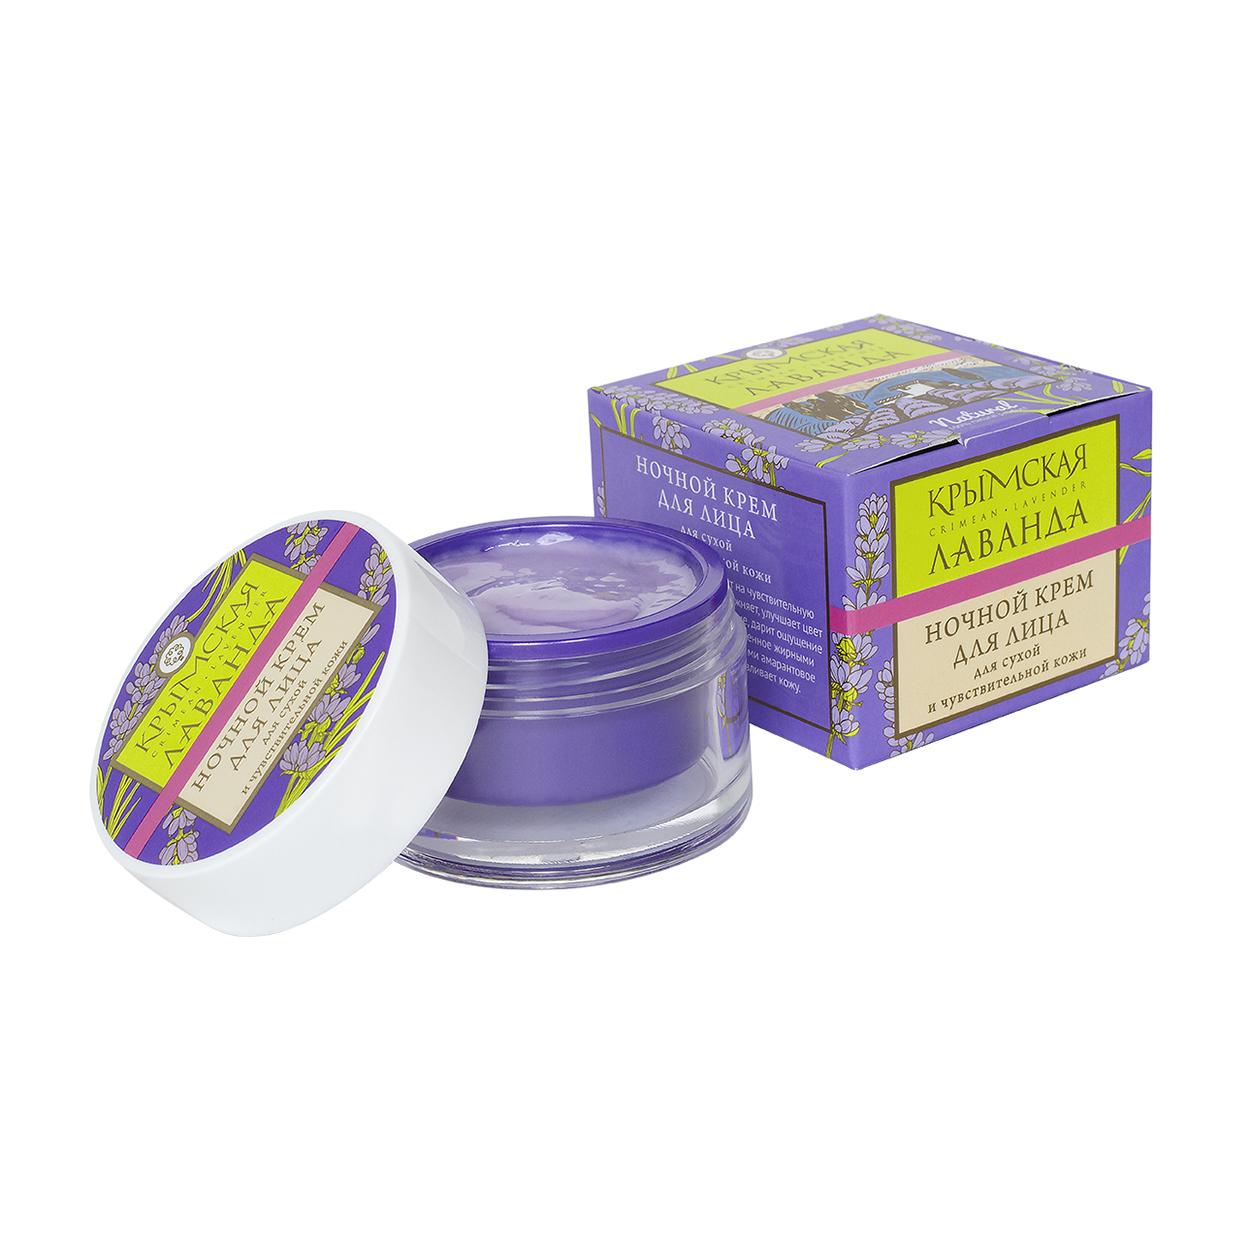 """Ночной крем для лица """"Лаванда"""" для сухой и чувствительной кожи 50 гр."""